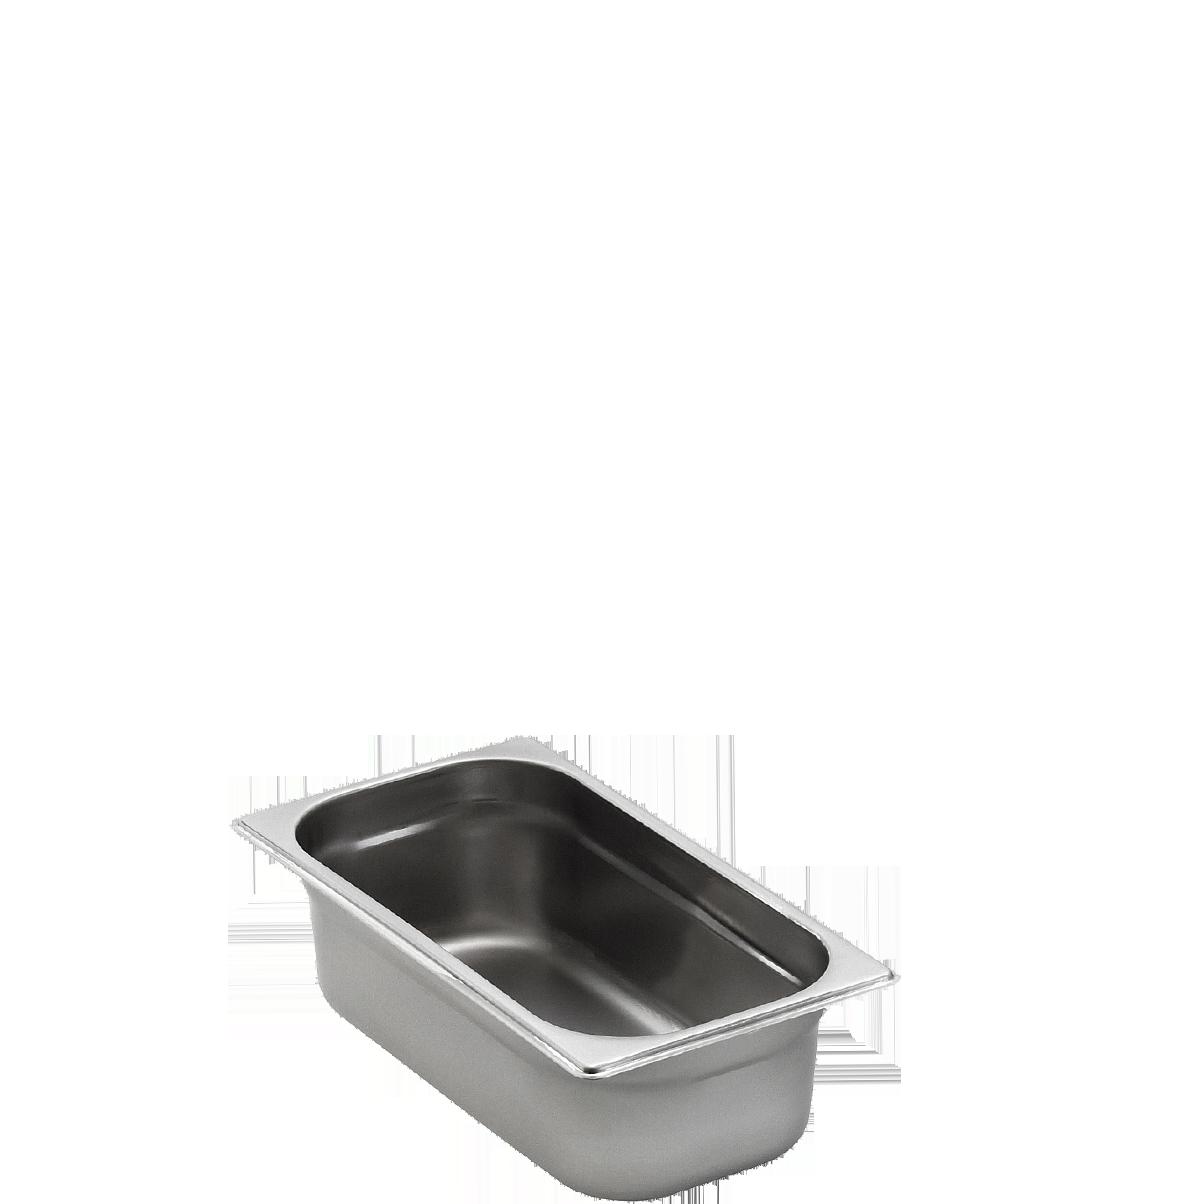 1/3 GN-Behälter für Chafing Dish (65mm)